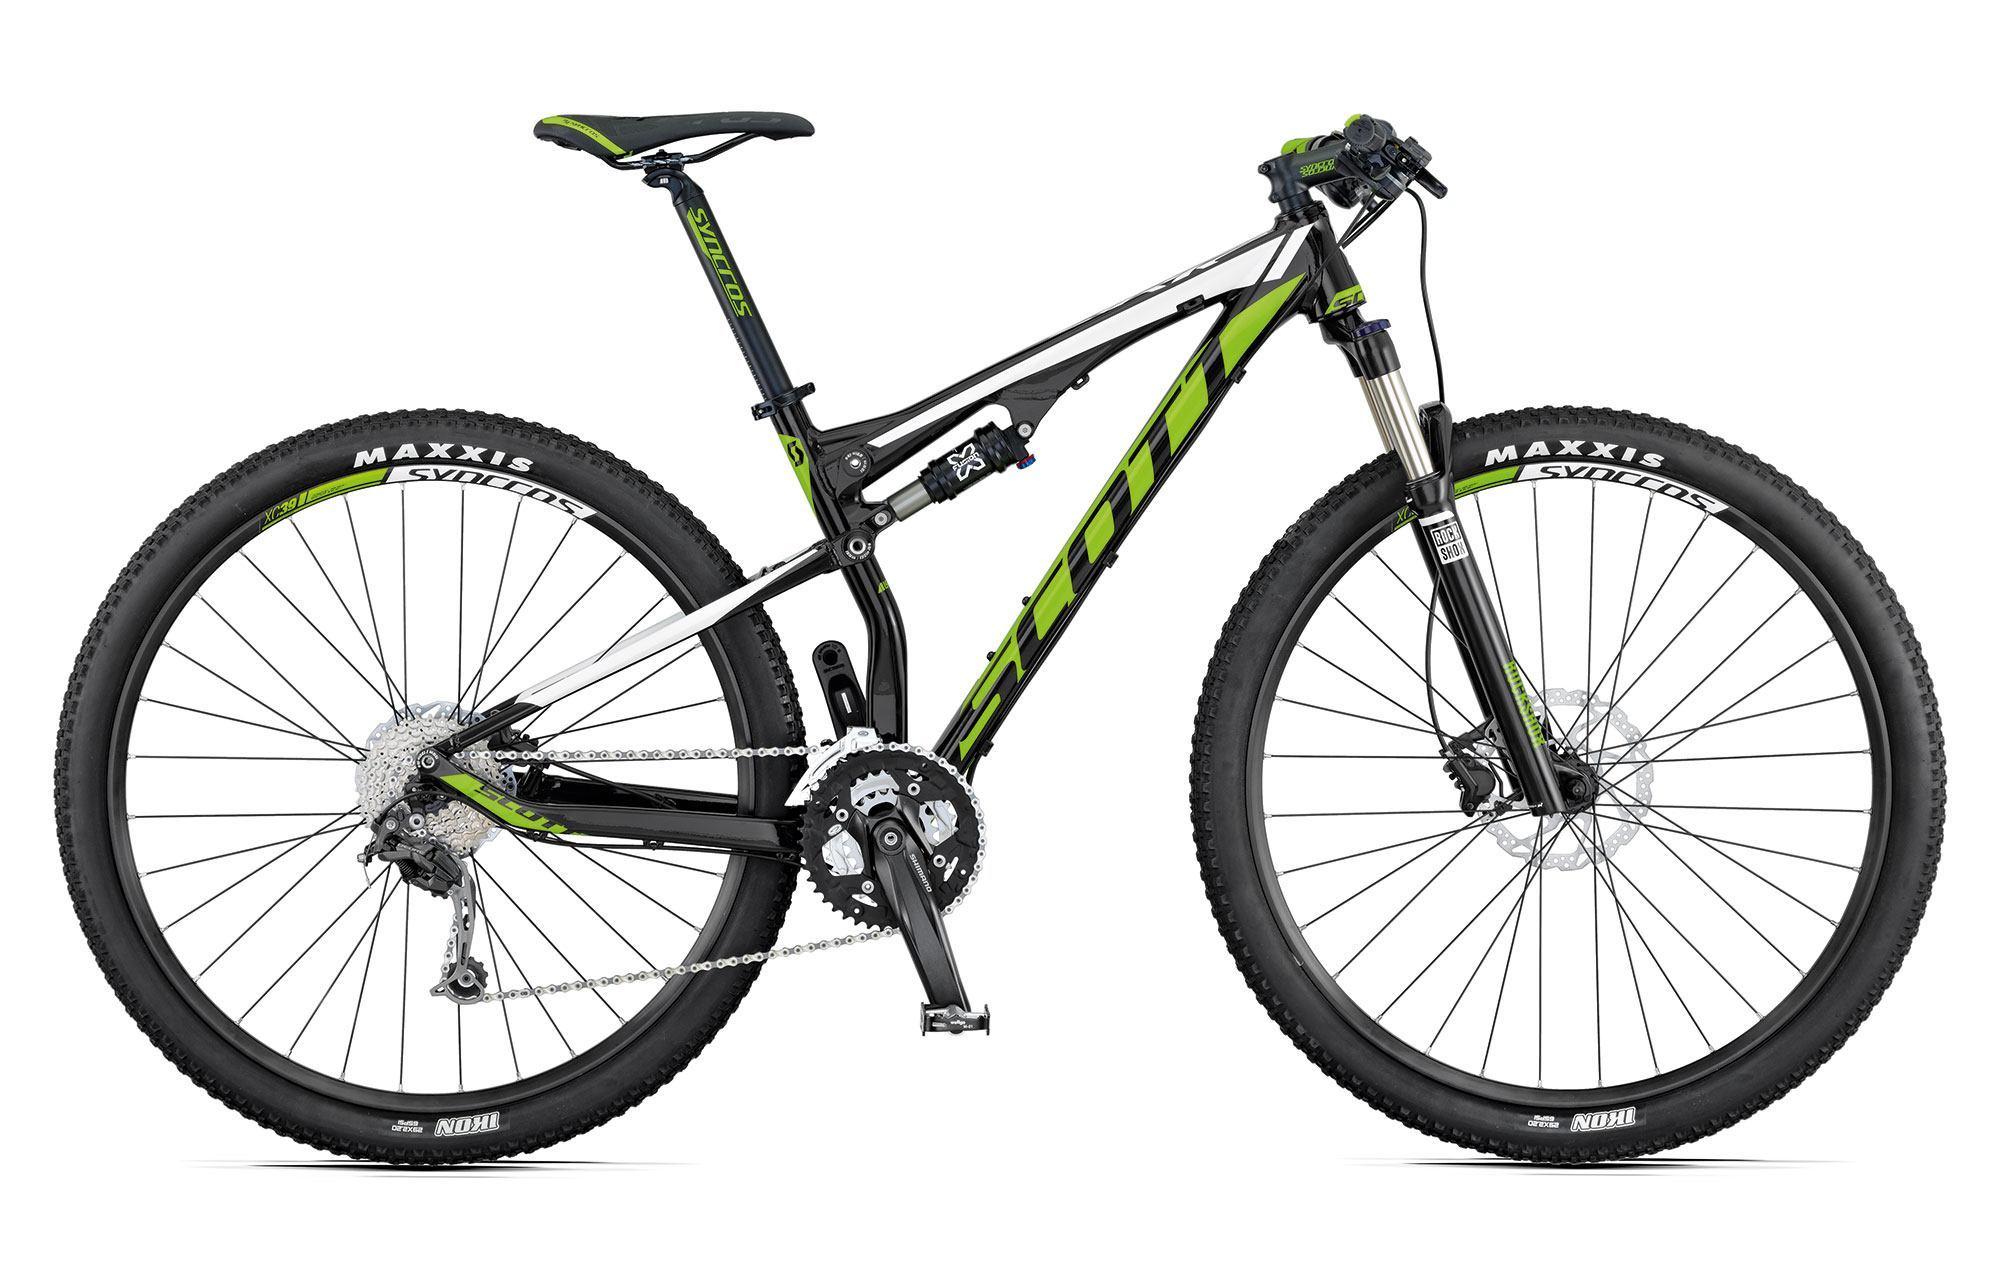 38c01a98599 2015 Scott Spark 960 Bike | R&A Cycles